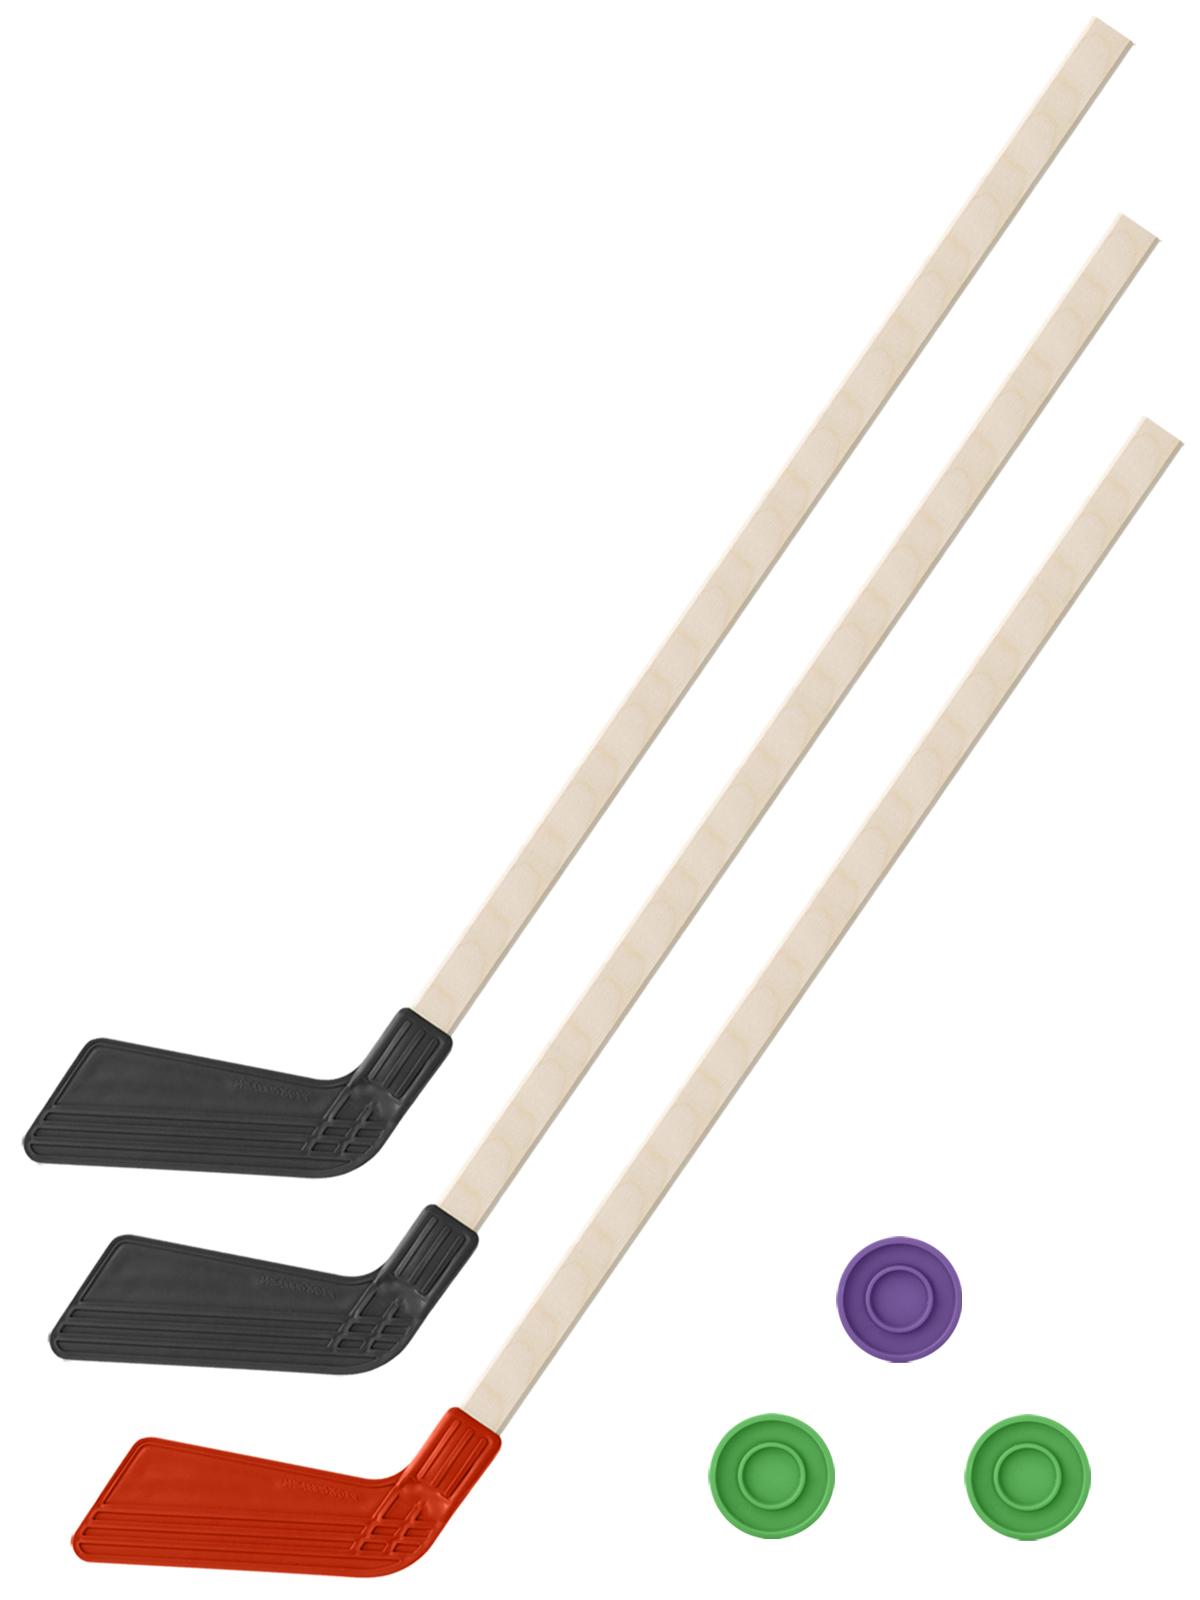 Купить Хоккейный набор 3 в1 Задира-плюс Клюшки 80 см (2 черных, 1 красная) + 3 шайбы,